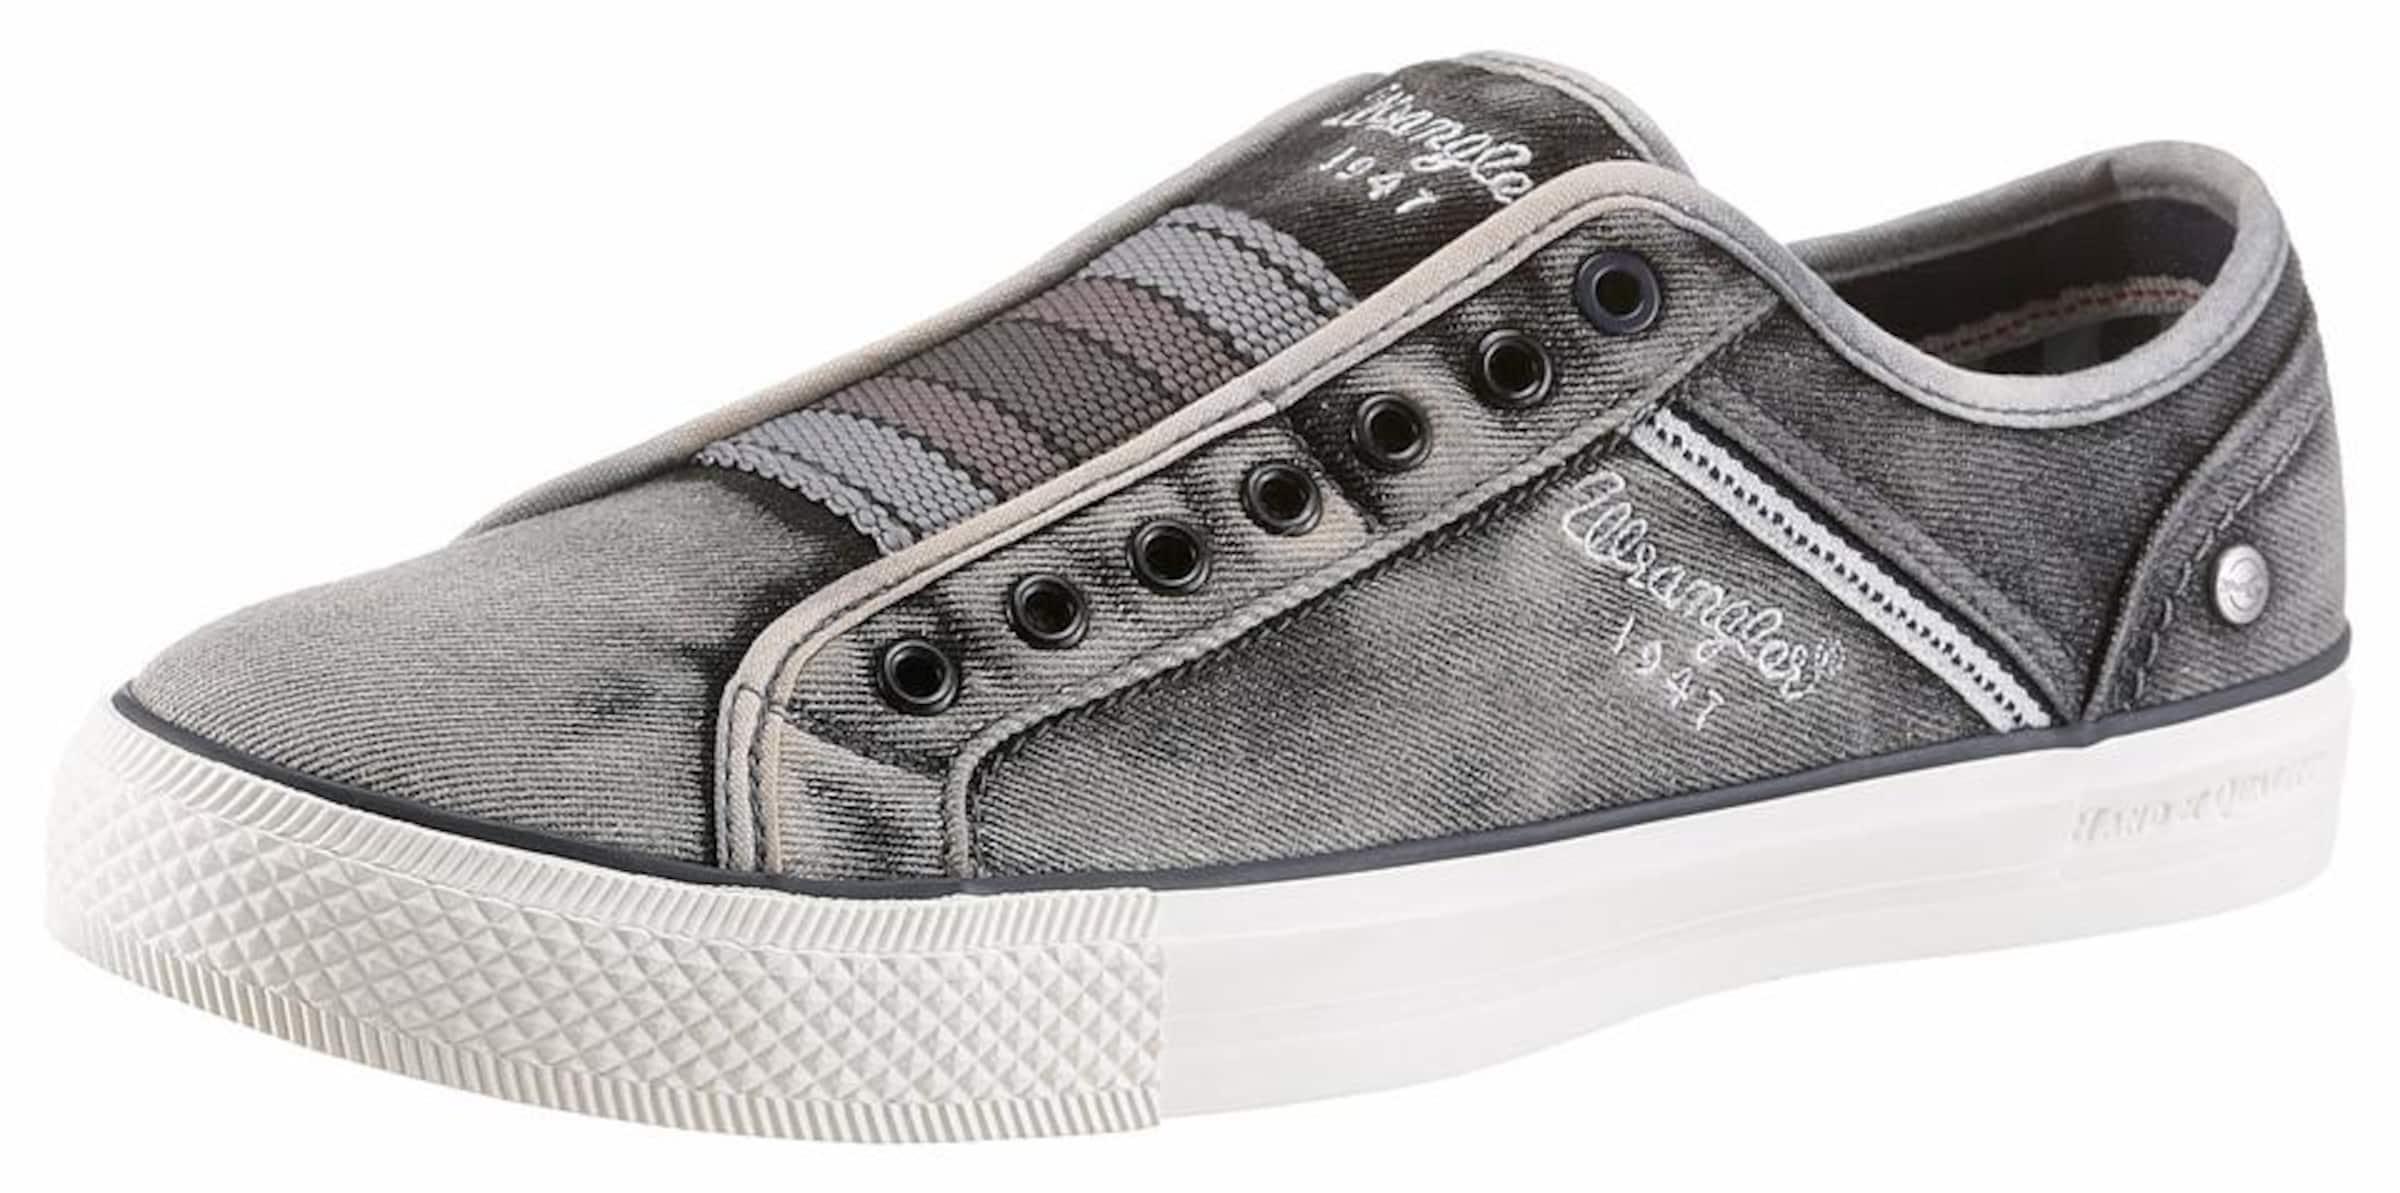 WRANGLER Sneaker  Starry Slip On